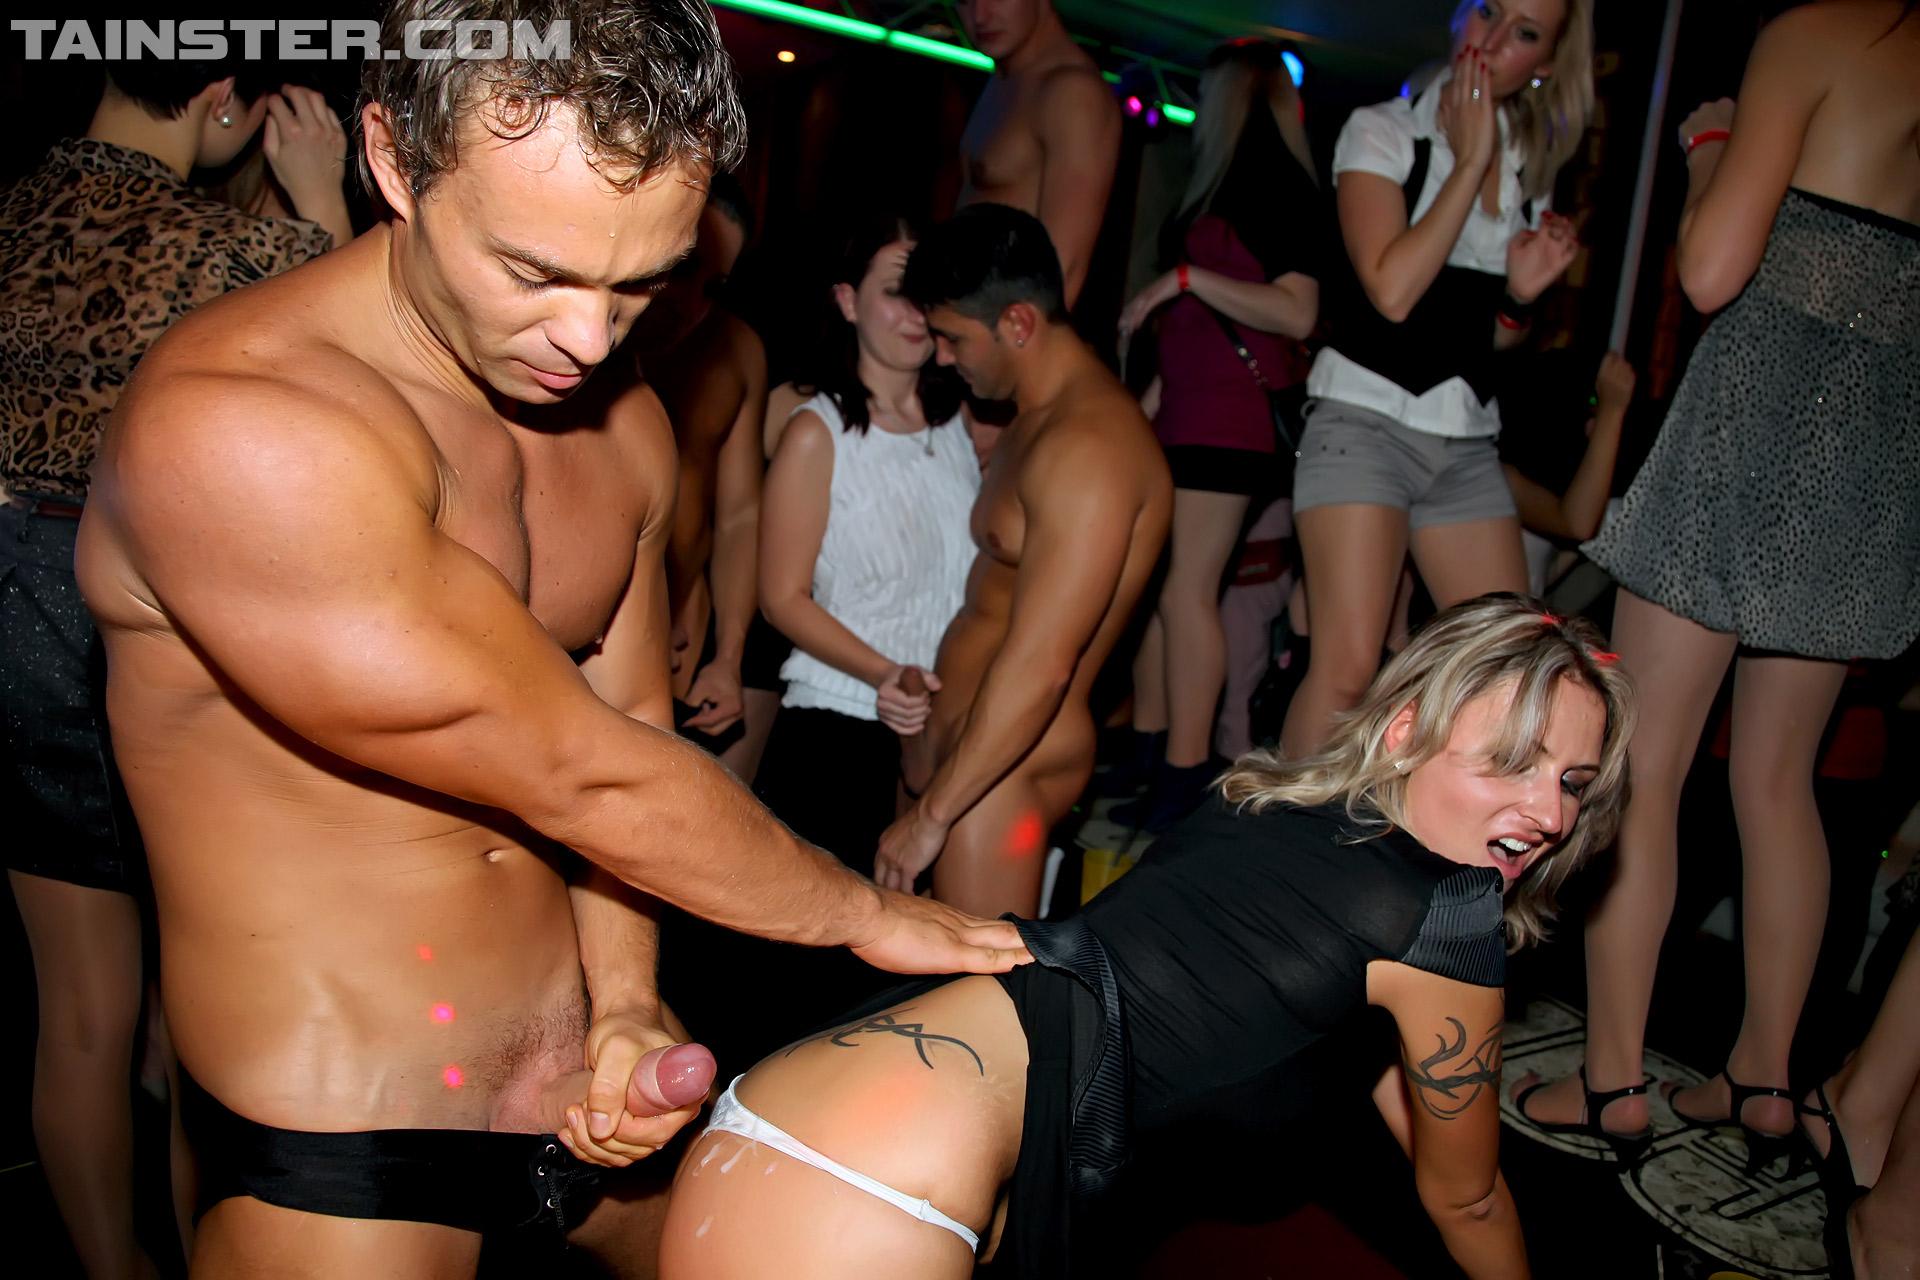 Кажется это порно секс в ночных клубах принимаю. Вопрос